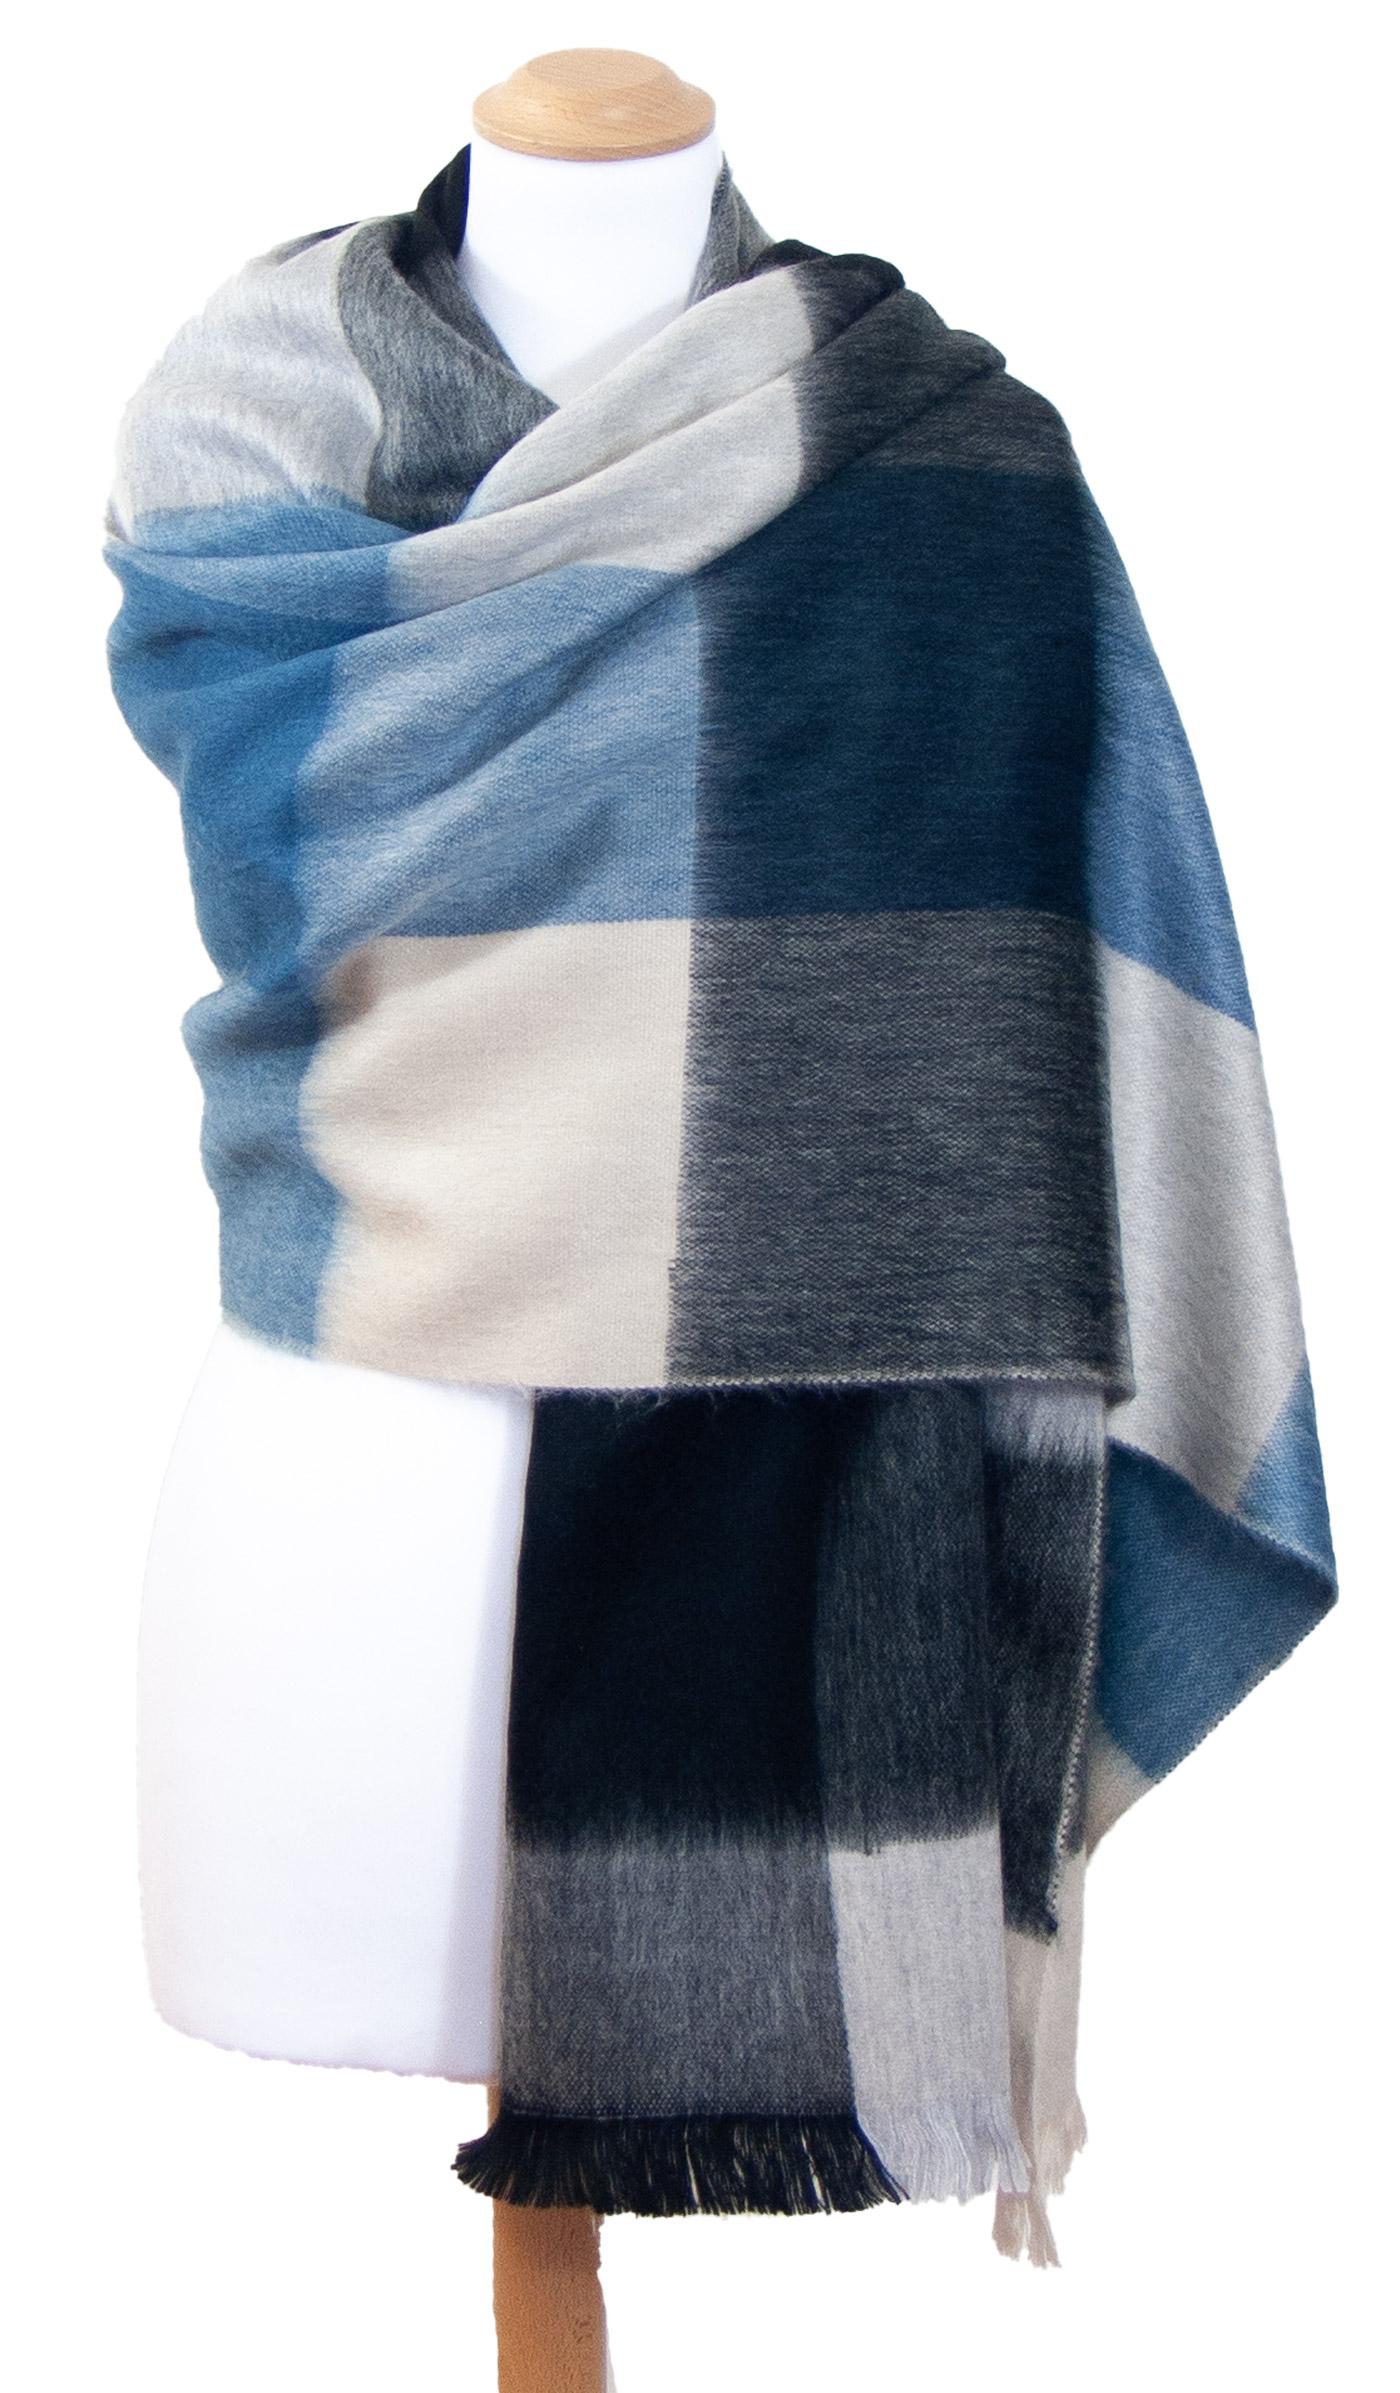 Châle en laine alpaga carreaux bleu Hellen